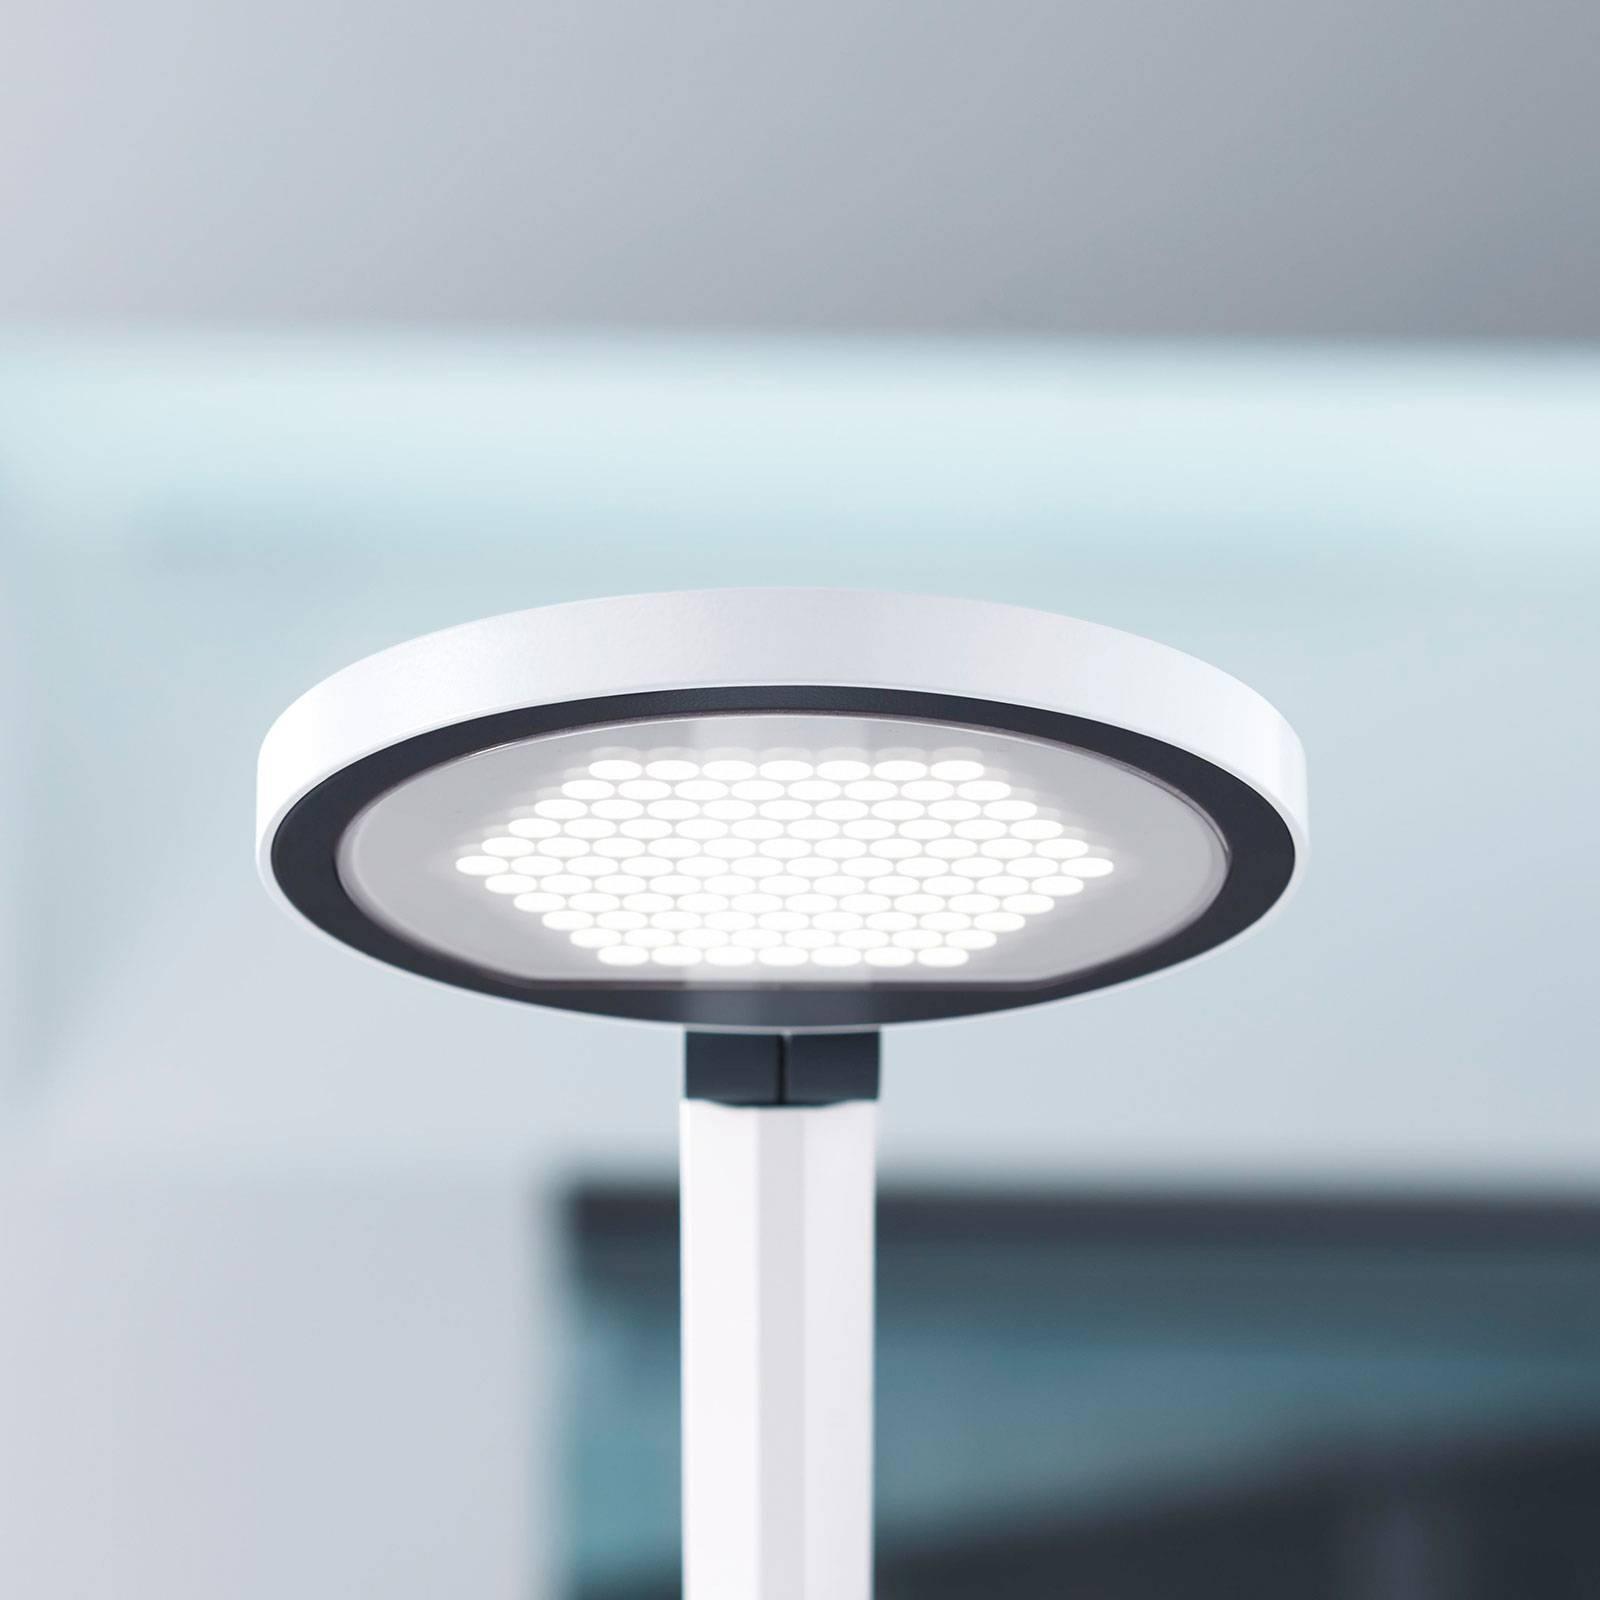 LED-pöytälamppu PARA.MI FTL 102 R valkoinen 940